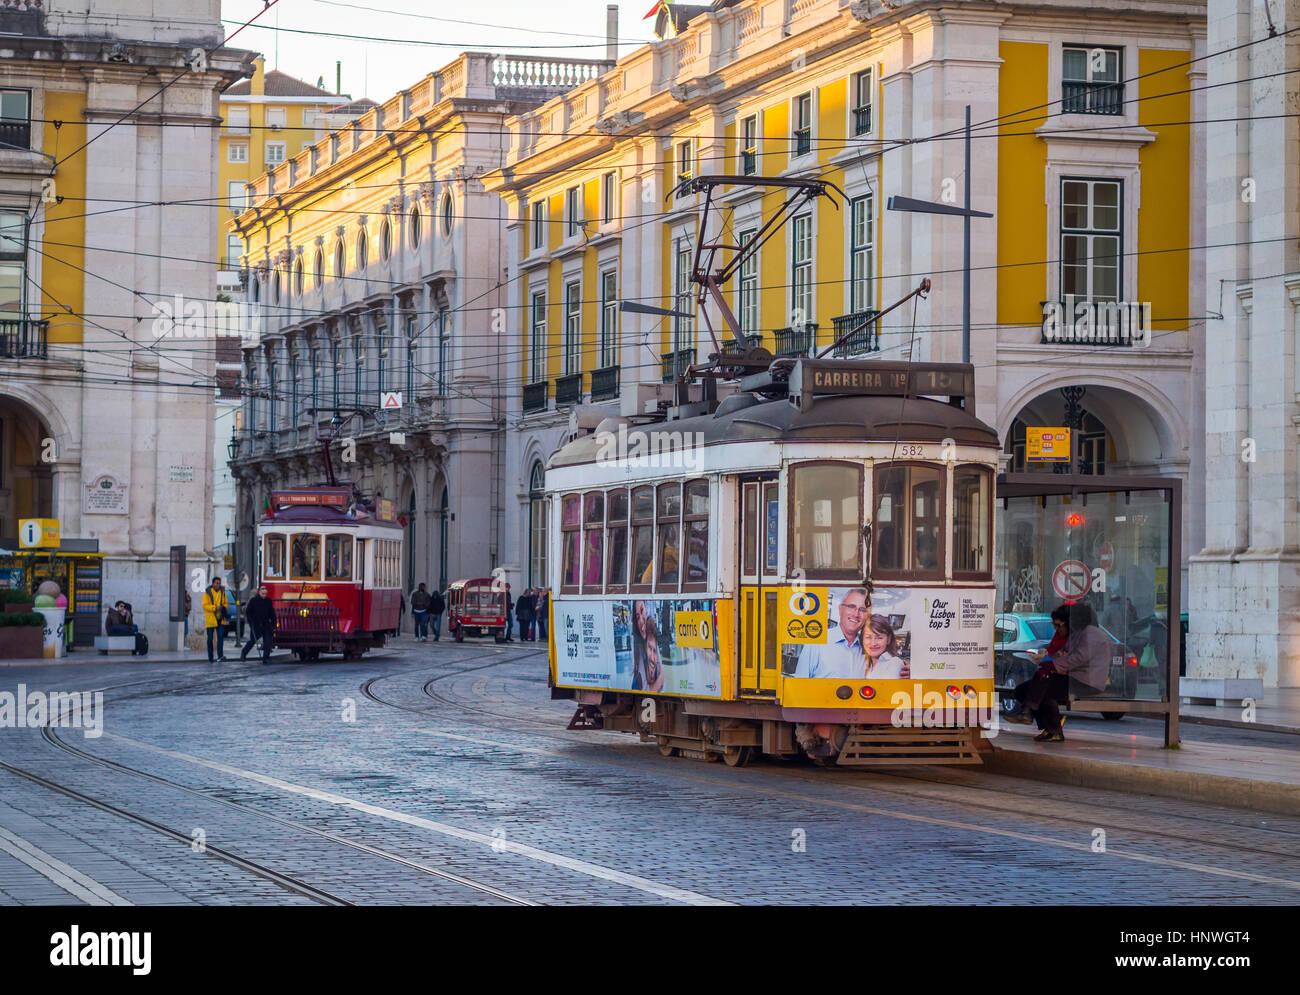 Lisbona, Portogallo - 10 gennaio 2017: i vecchi tram sulla Praca do Comercio (Piazza del commercio) a Lisbona, Portogallo. Foto Stock